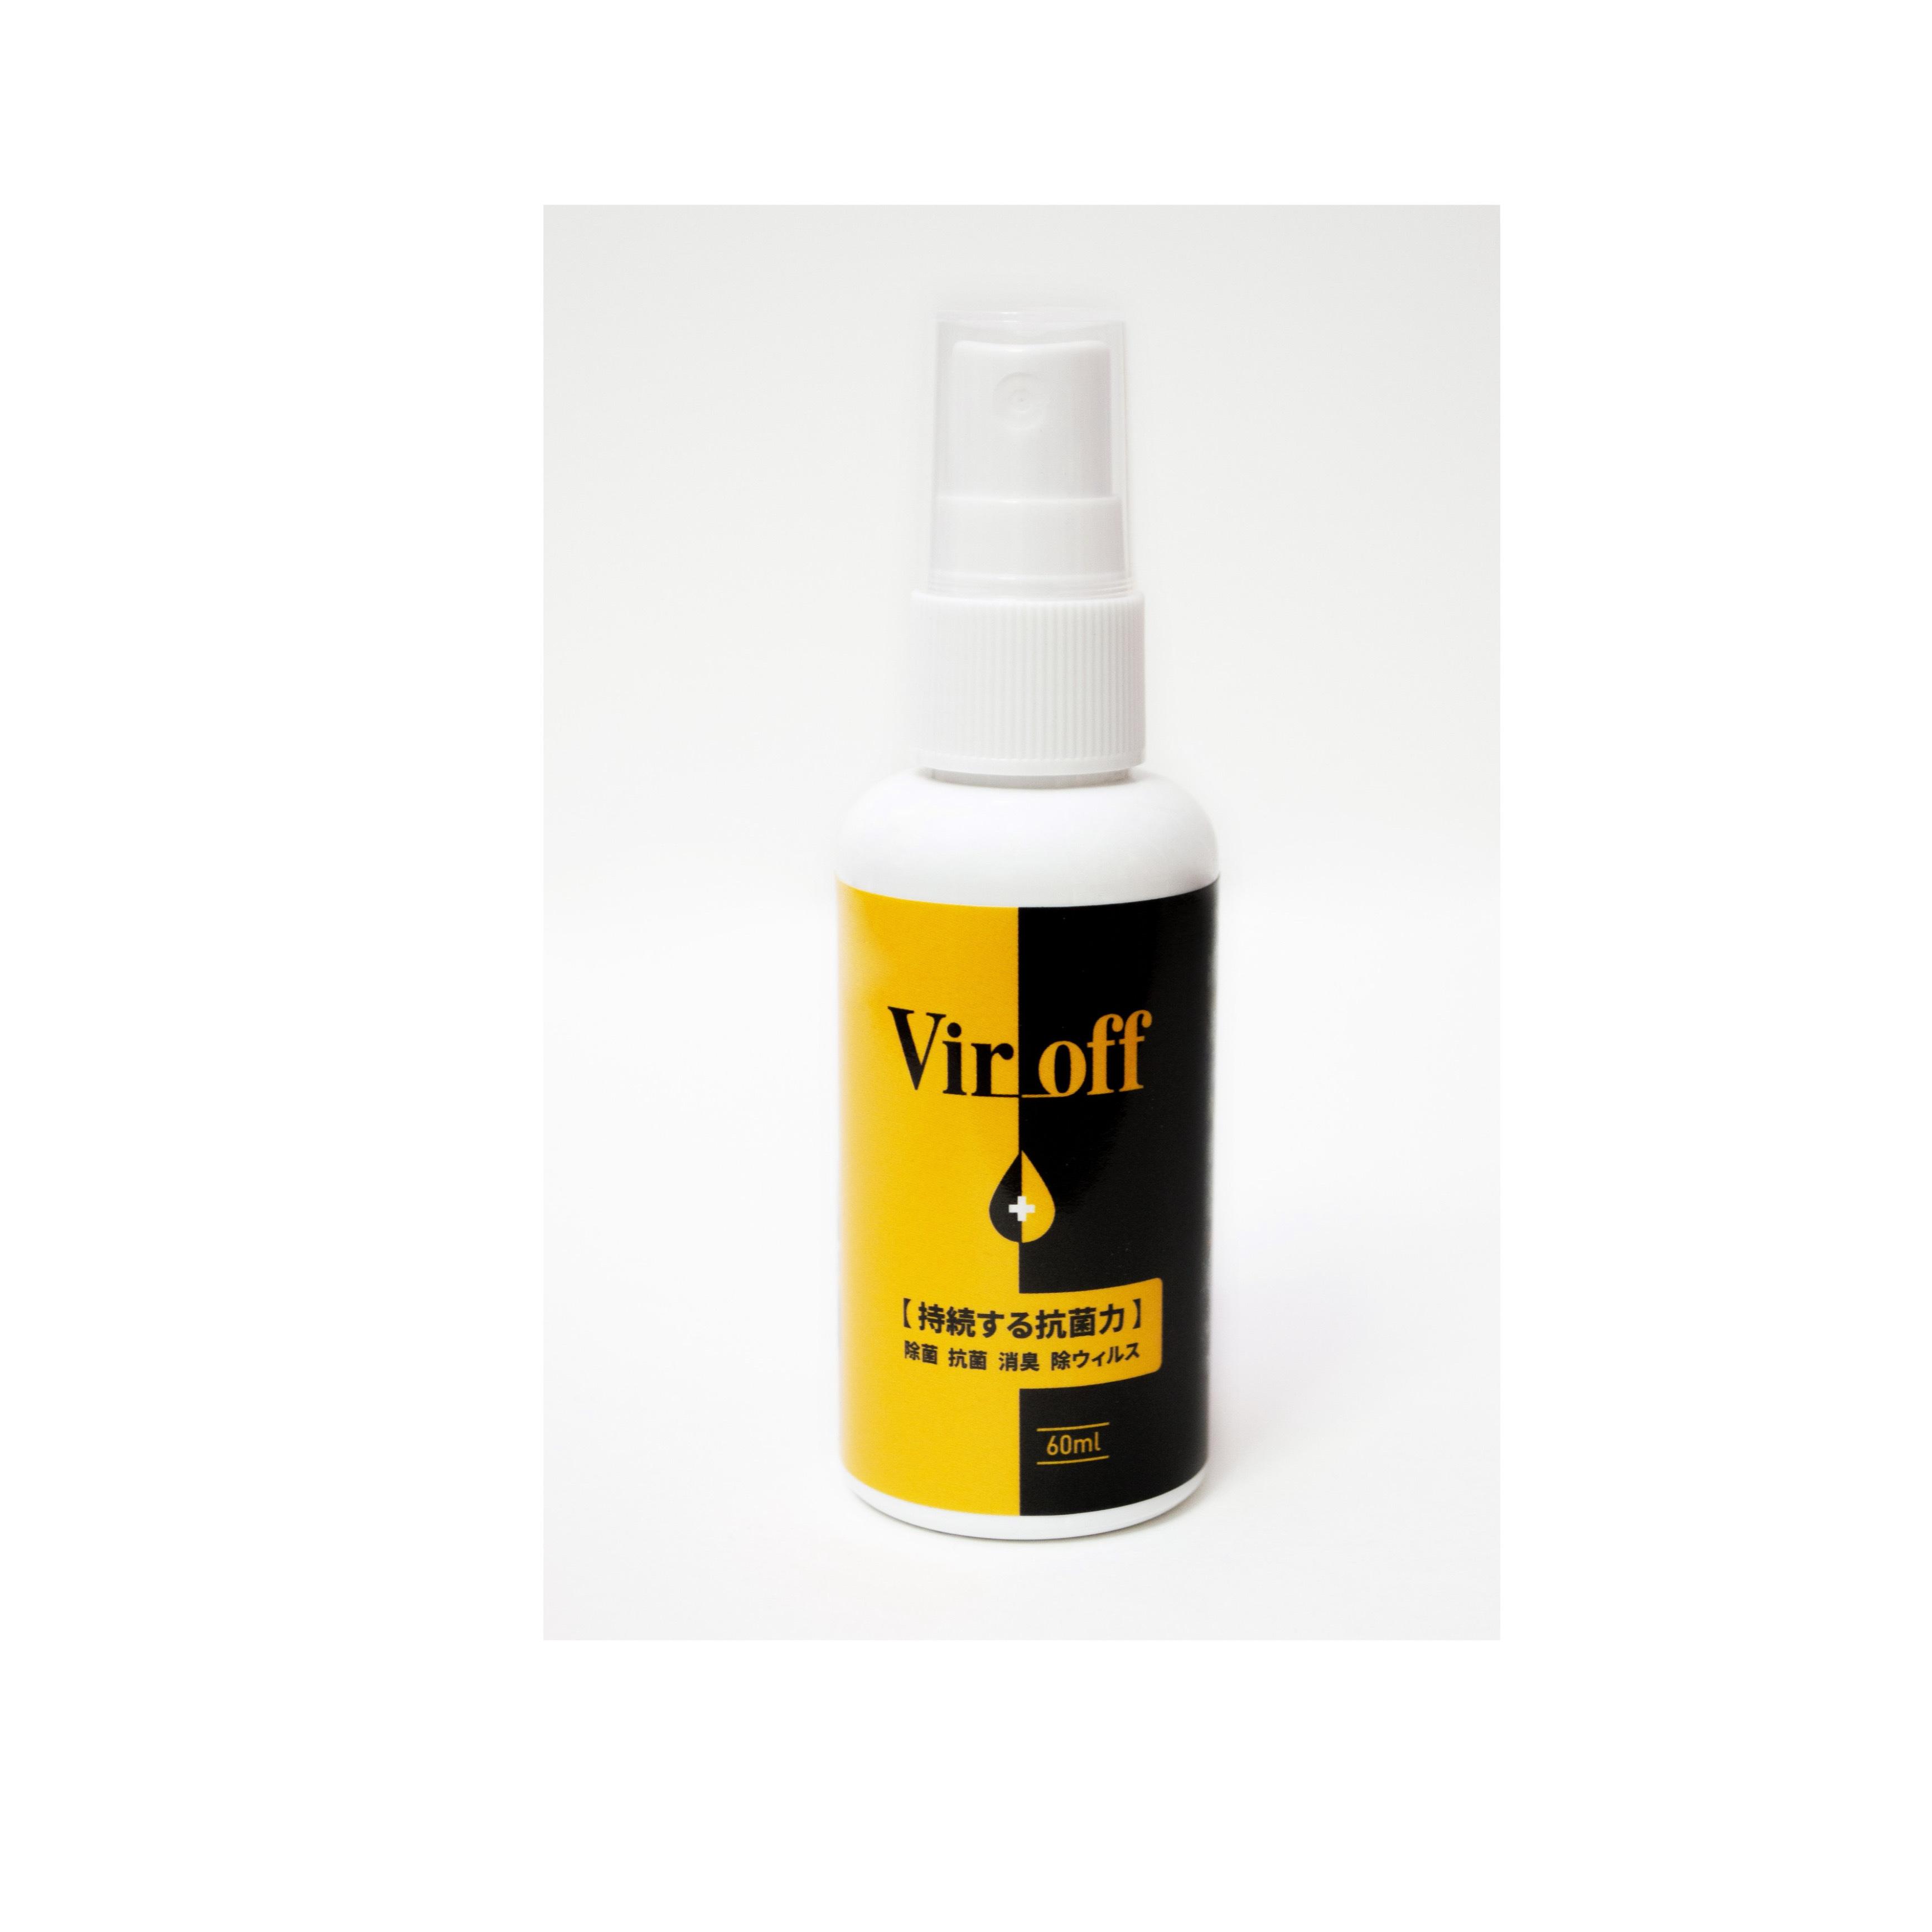 viroff 60㎖ 10本セット